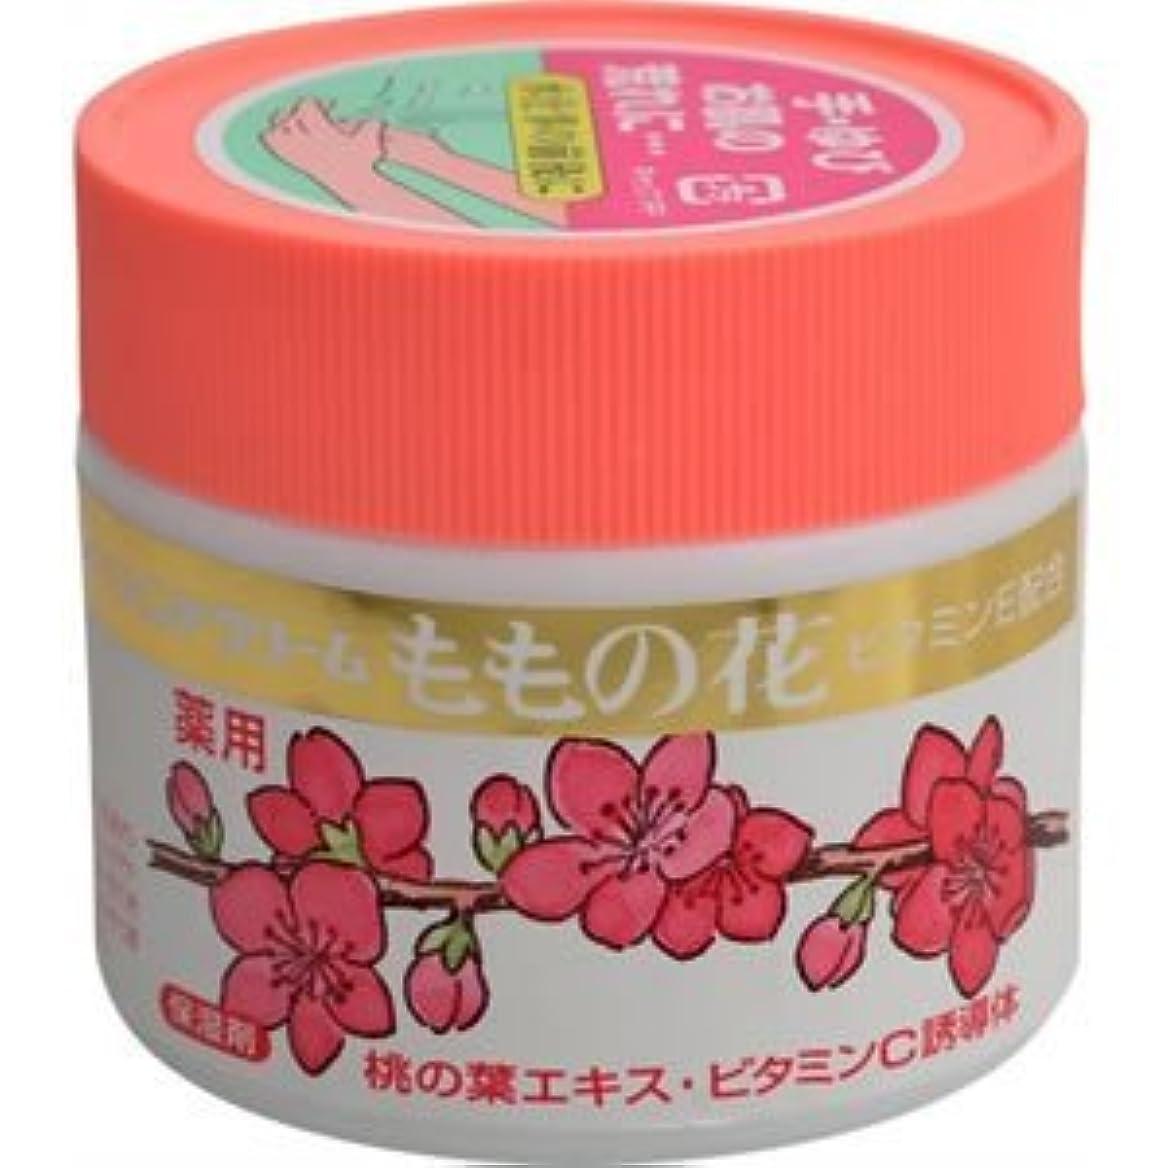 アレルギー中にお客様(オリヂナル株式会社)ももの花 薬用ハンドクリーム 70g(医薬部外品)